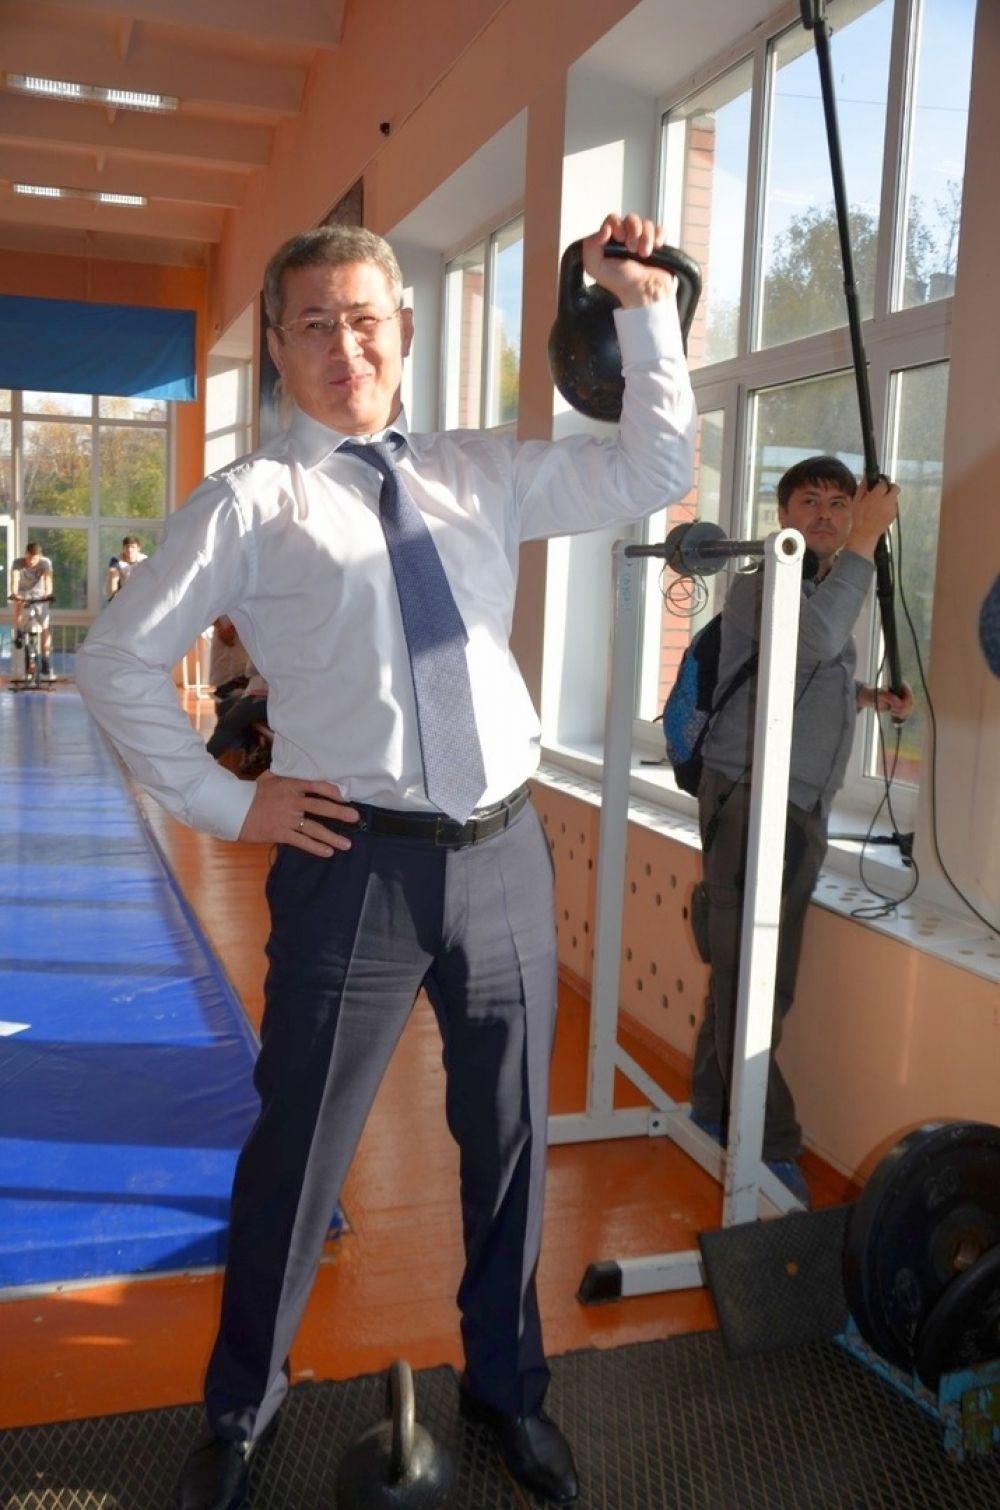 Радий Хабиров является кандидатом в мастера спорта по классической и греко-римской борьбе. При посещении спортшколы олимпийского резерва по спортивной борьбе в Уфе он показал, что не забыл полученные навыки.